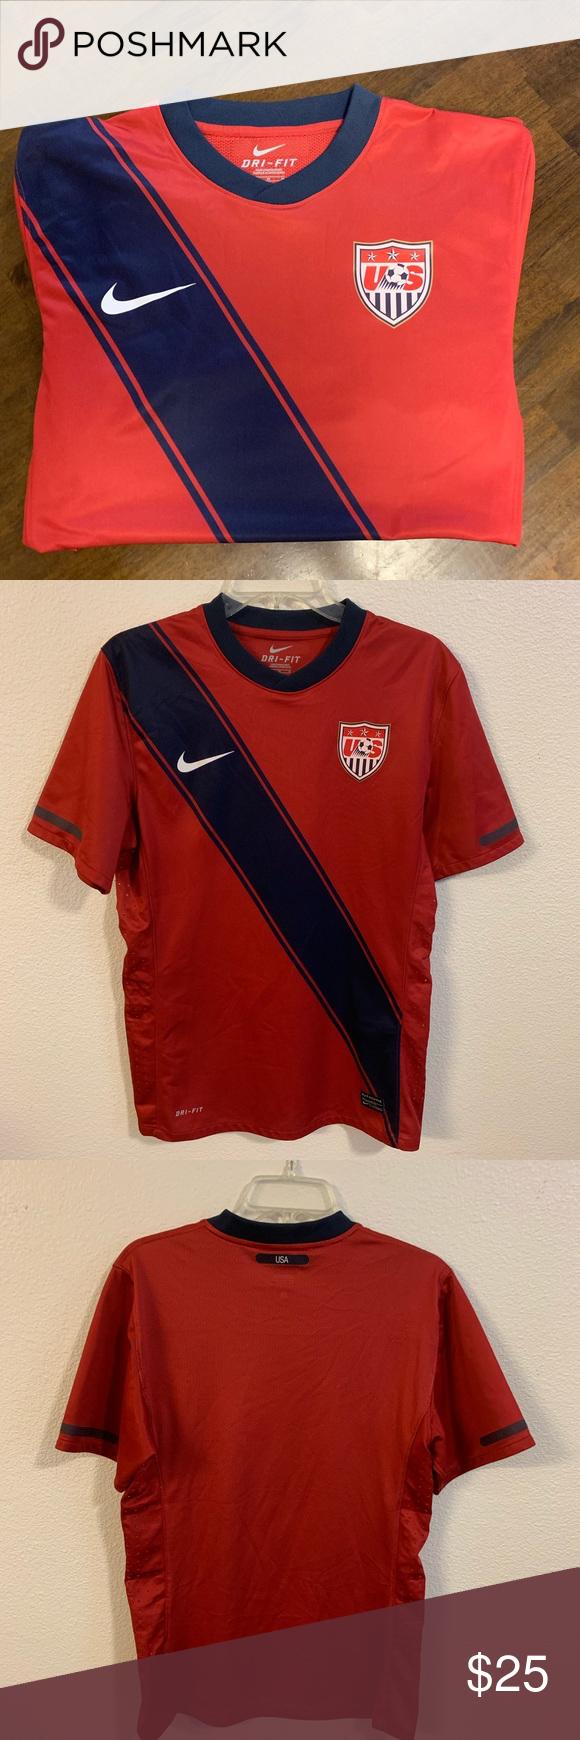 Usa Mens Team Soccer Jerseys In 2020 Soccer Jersey Usa Soccer Jersey Usa Soccer Team